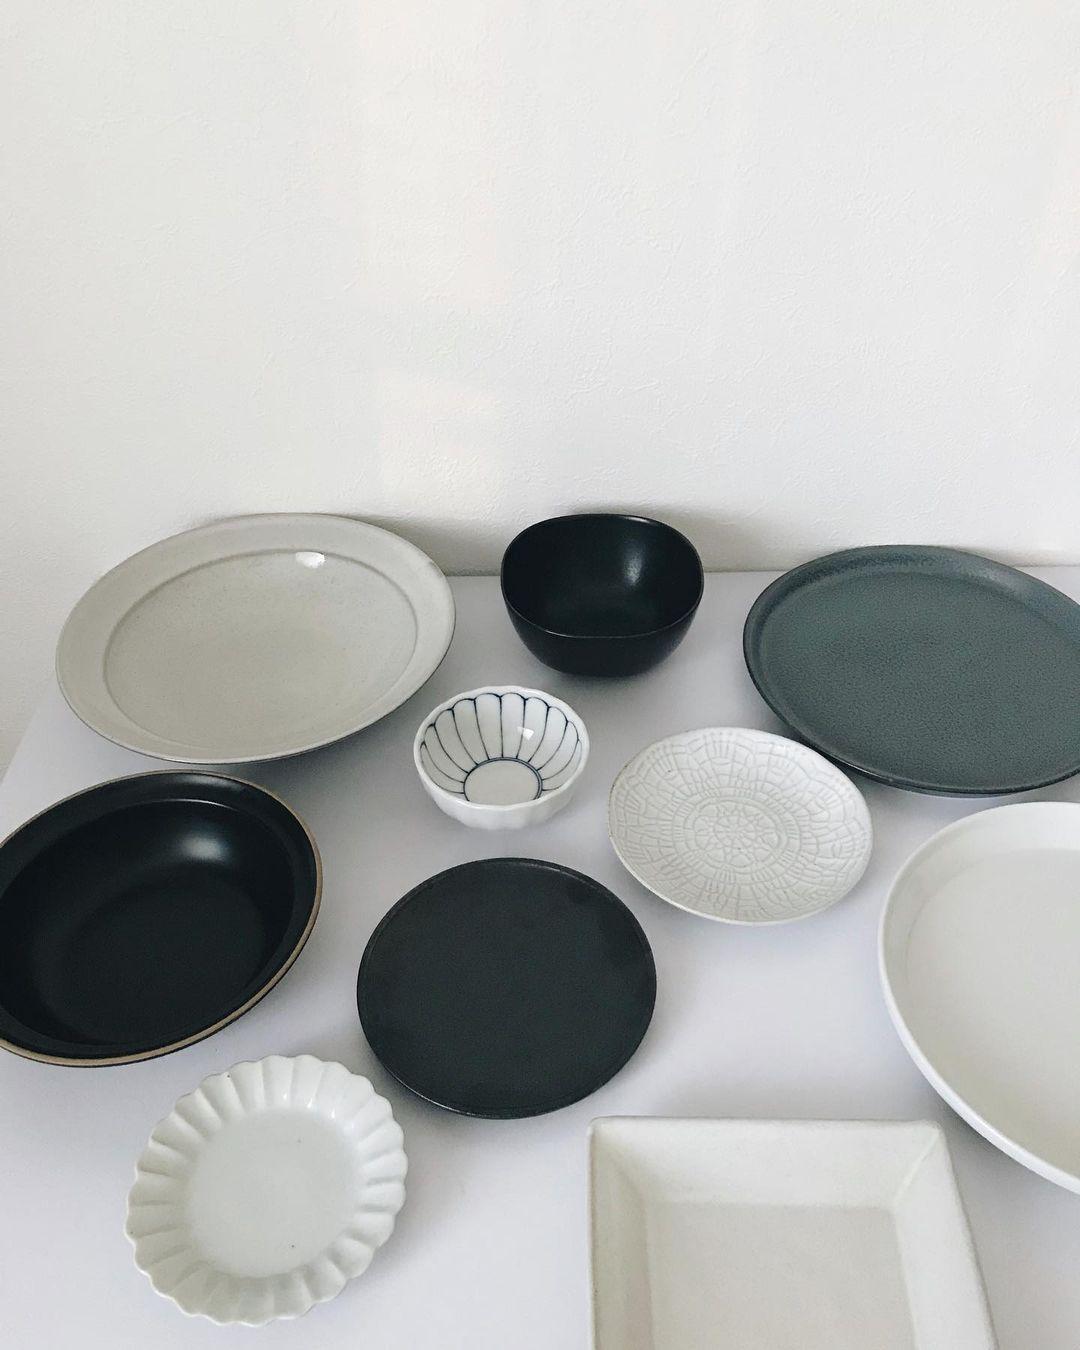 器も、形はさまざまなものがありながら、白、黒、グレーとモノトーンで揃えられています。